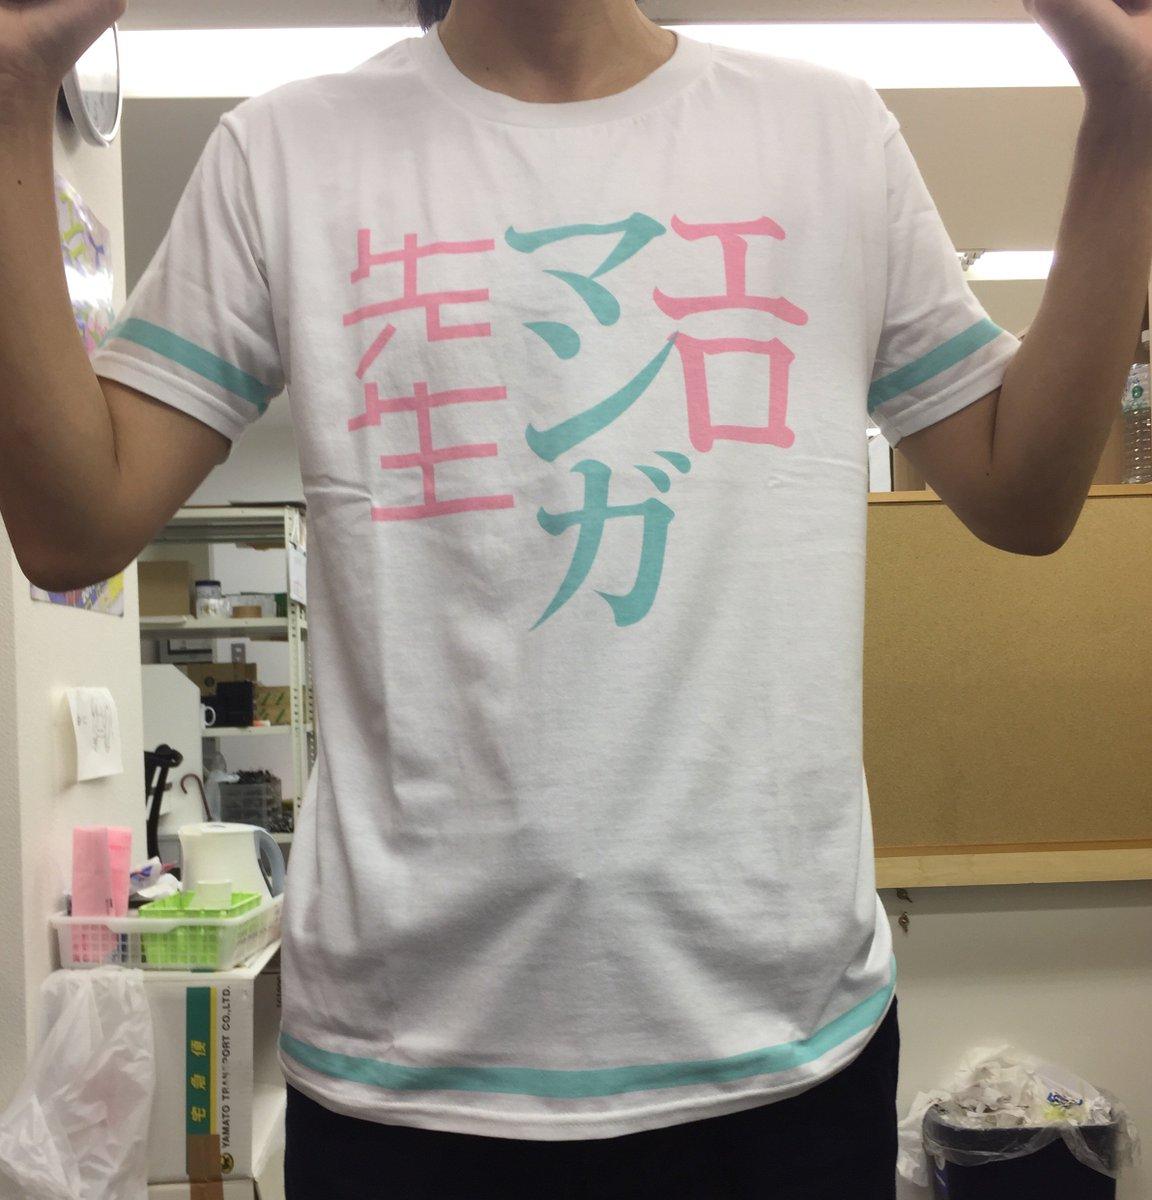 エンディングのエロマンガ先生Tシャツ、ついに商品化されたみたいです!!!皆様は買いましたか?